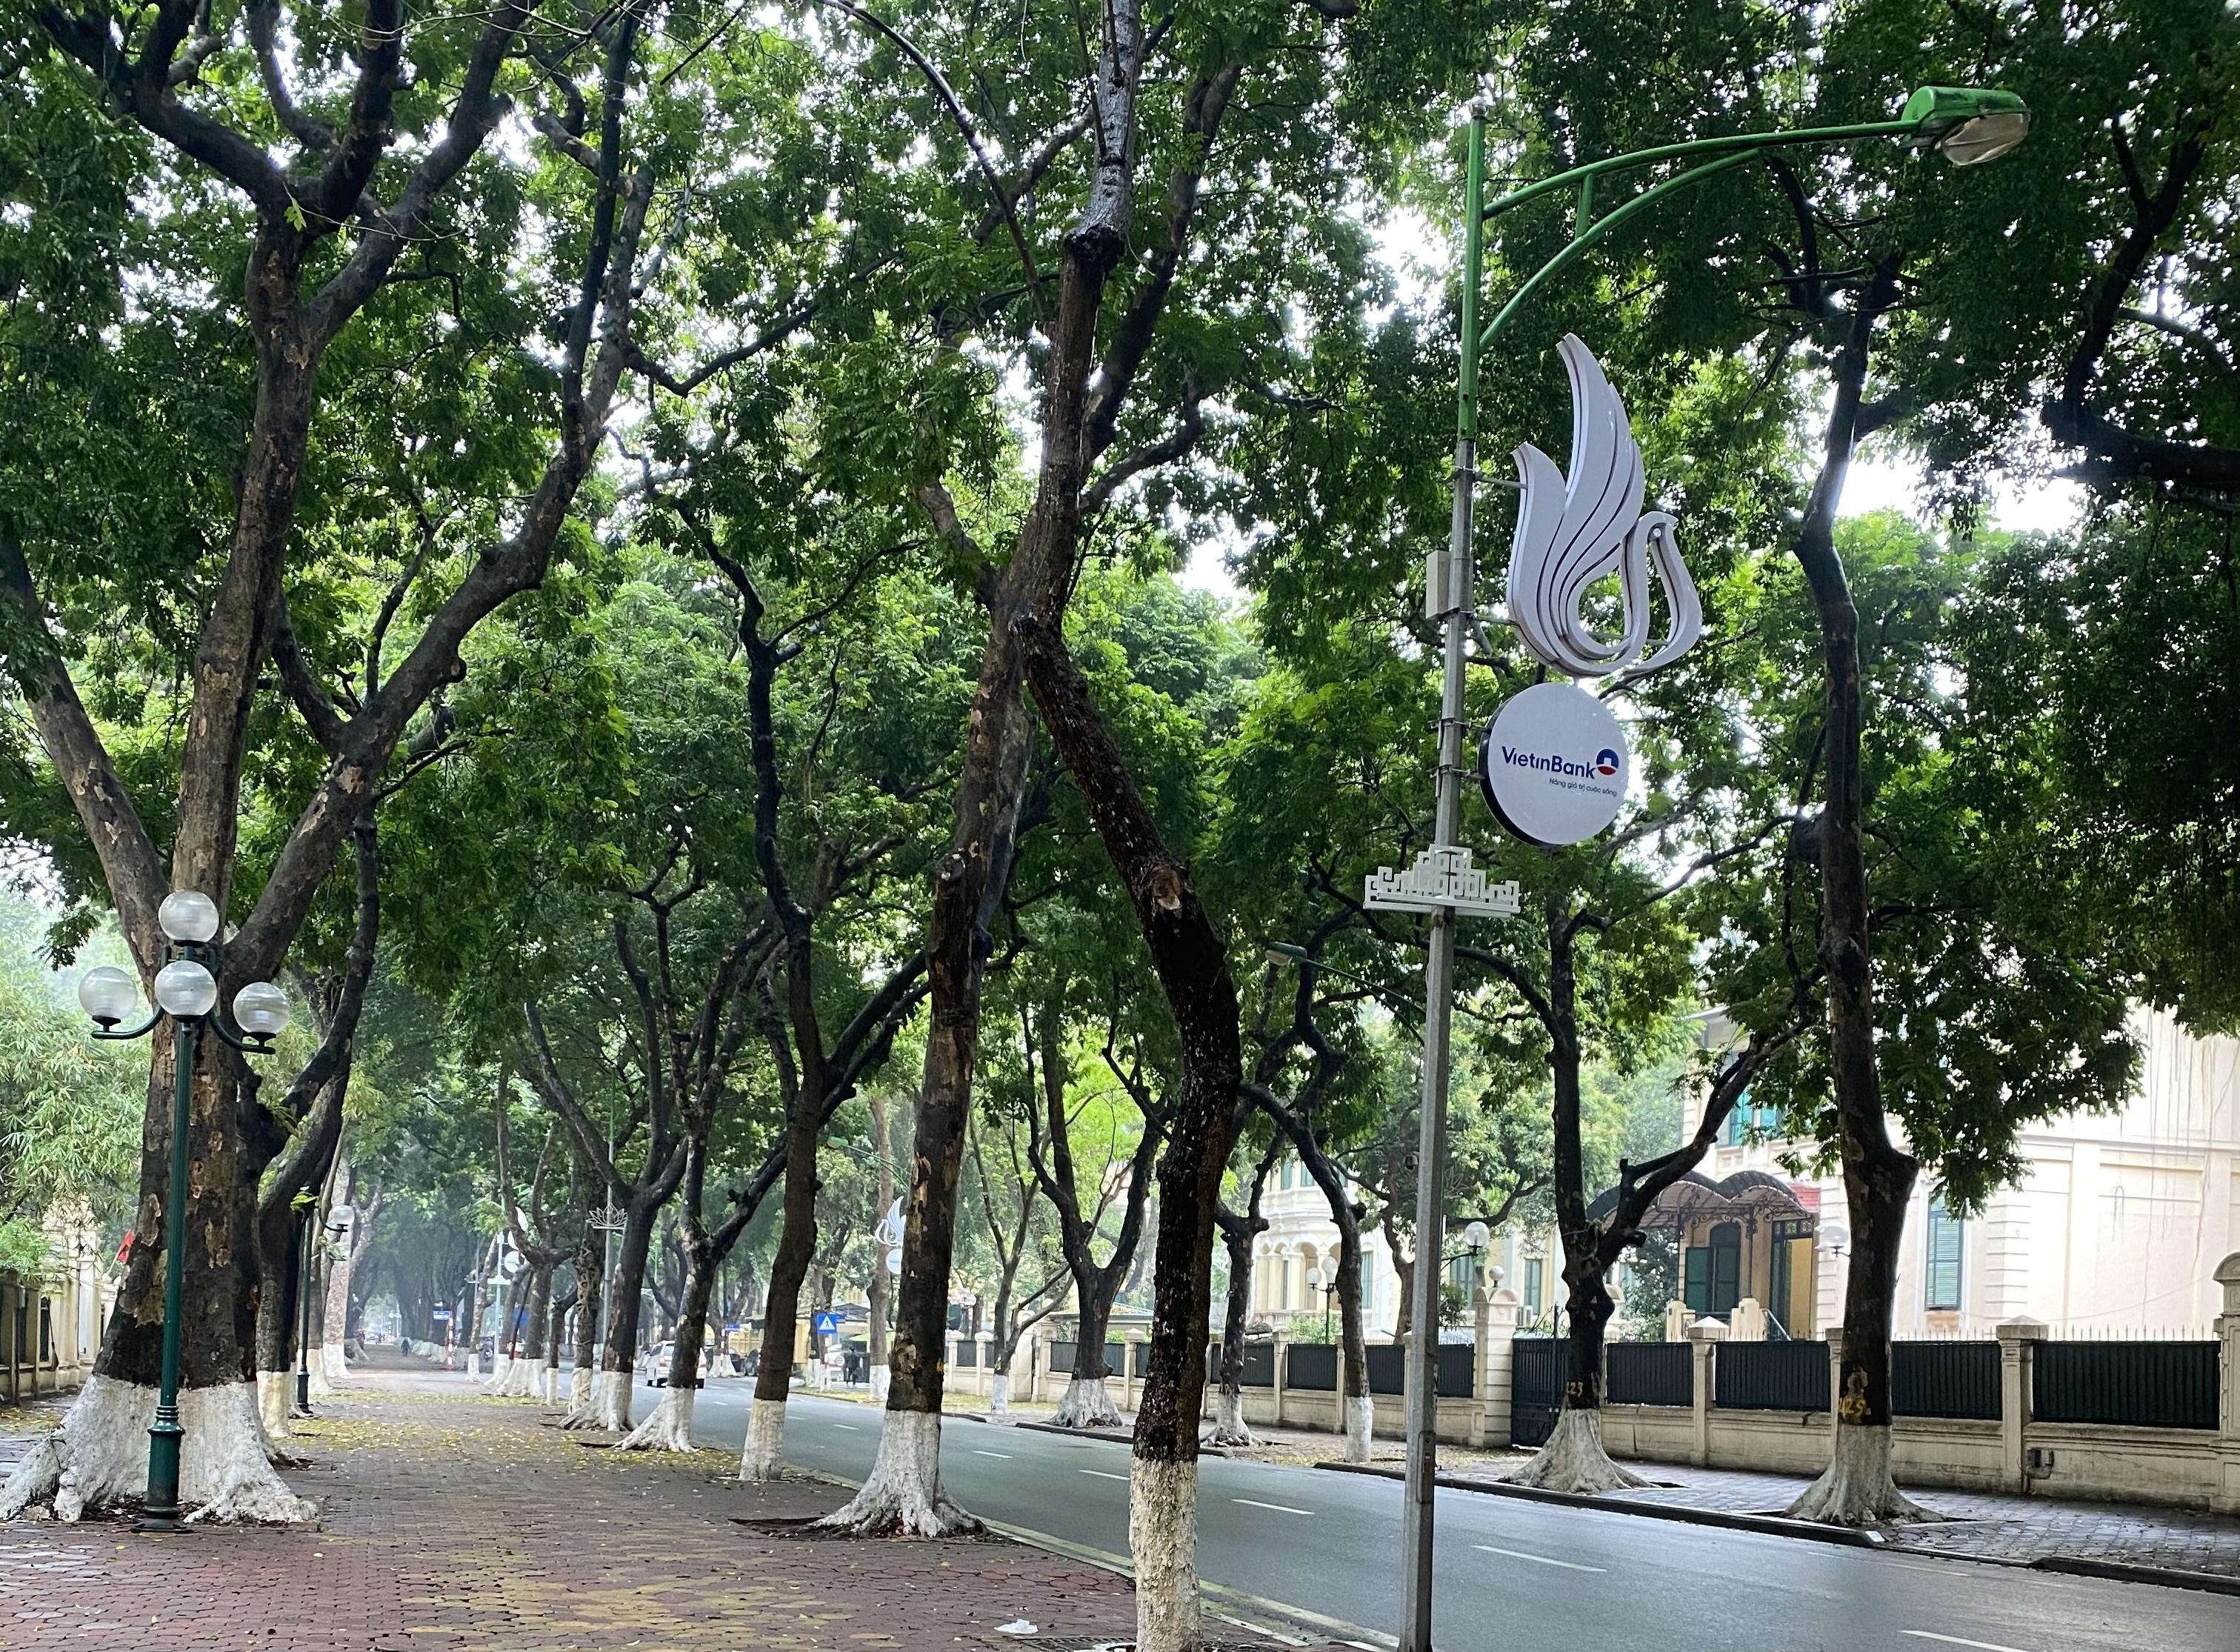 Thời tiết thủ đô Hà Nội nhiều mây, sáng có mưa nhỏ (Ảnh Hằng Nga)